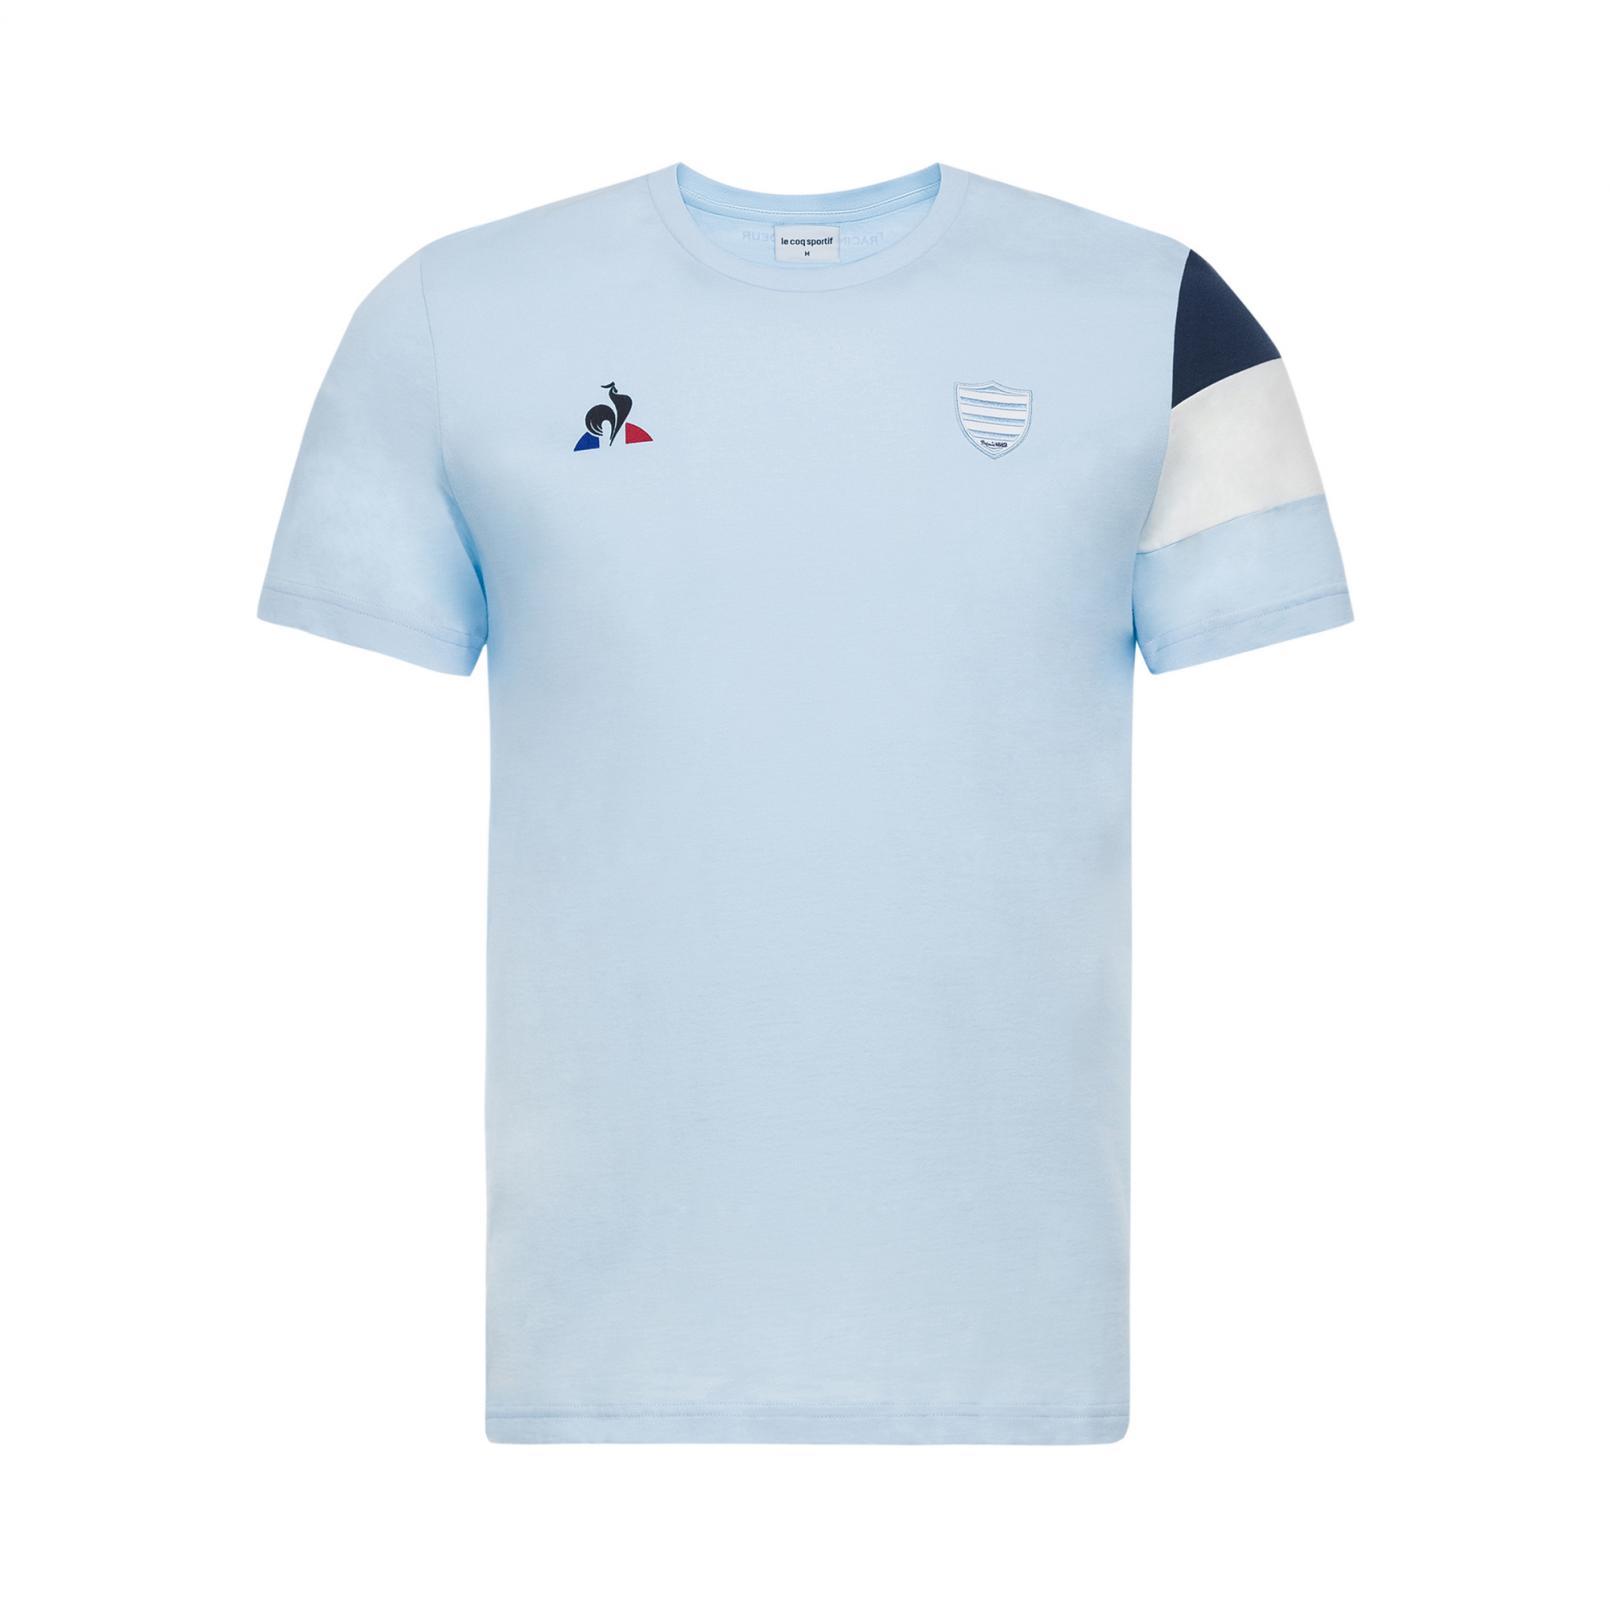 T-shirts – Le Coq Sportif Racing 92 Fanwear T-shirt Light Blue